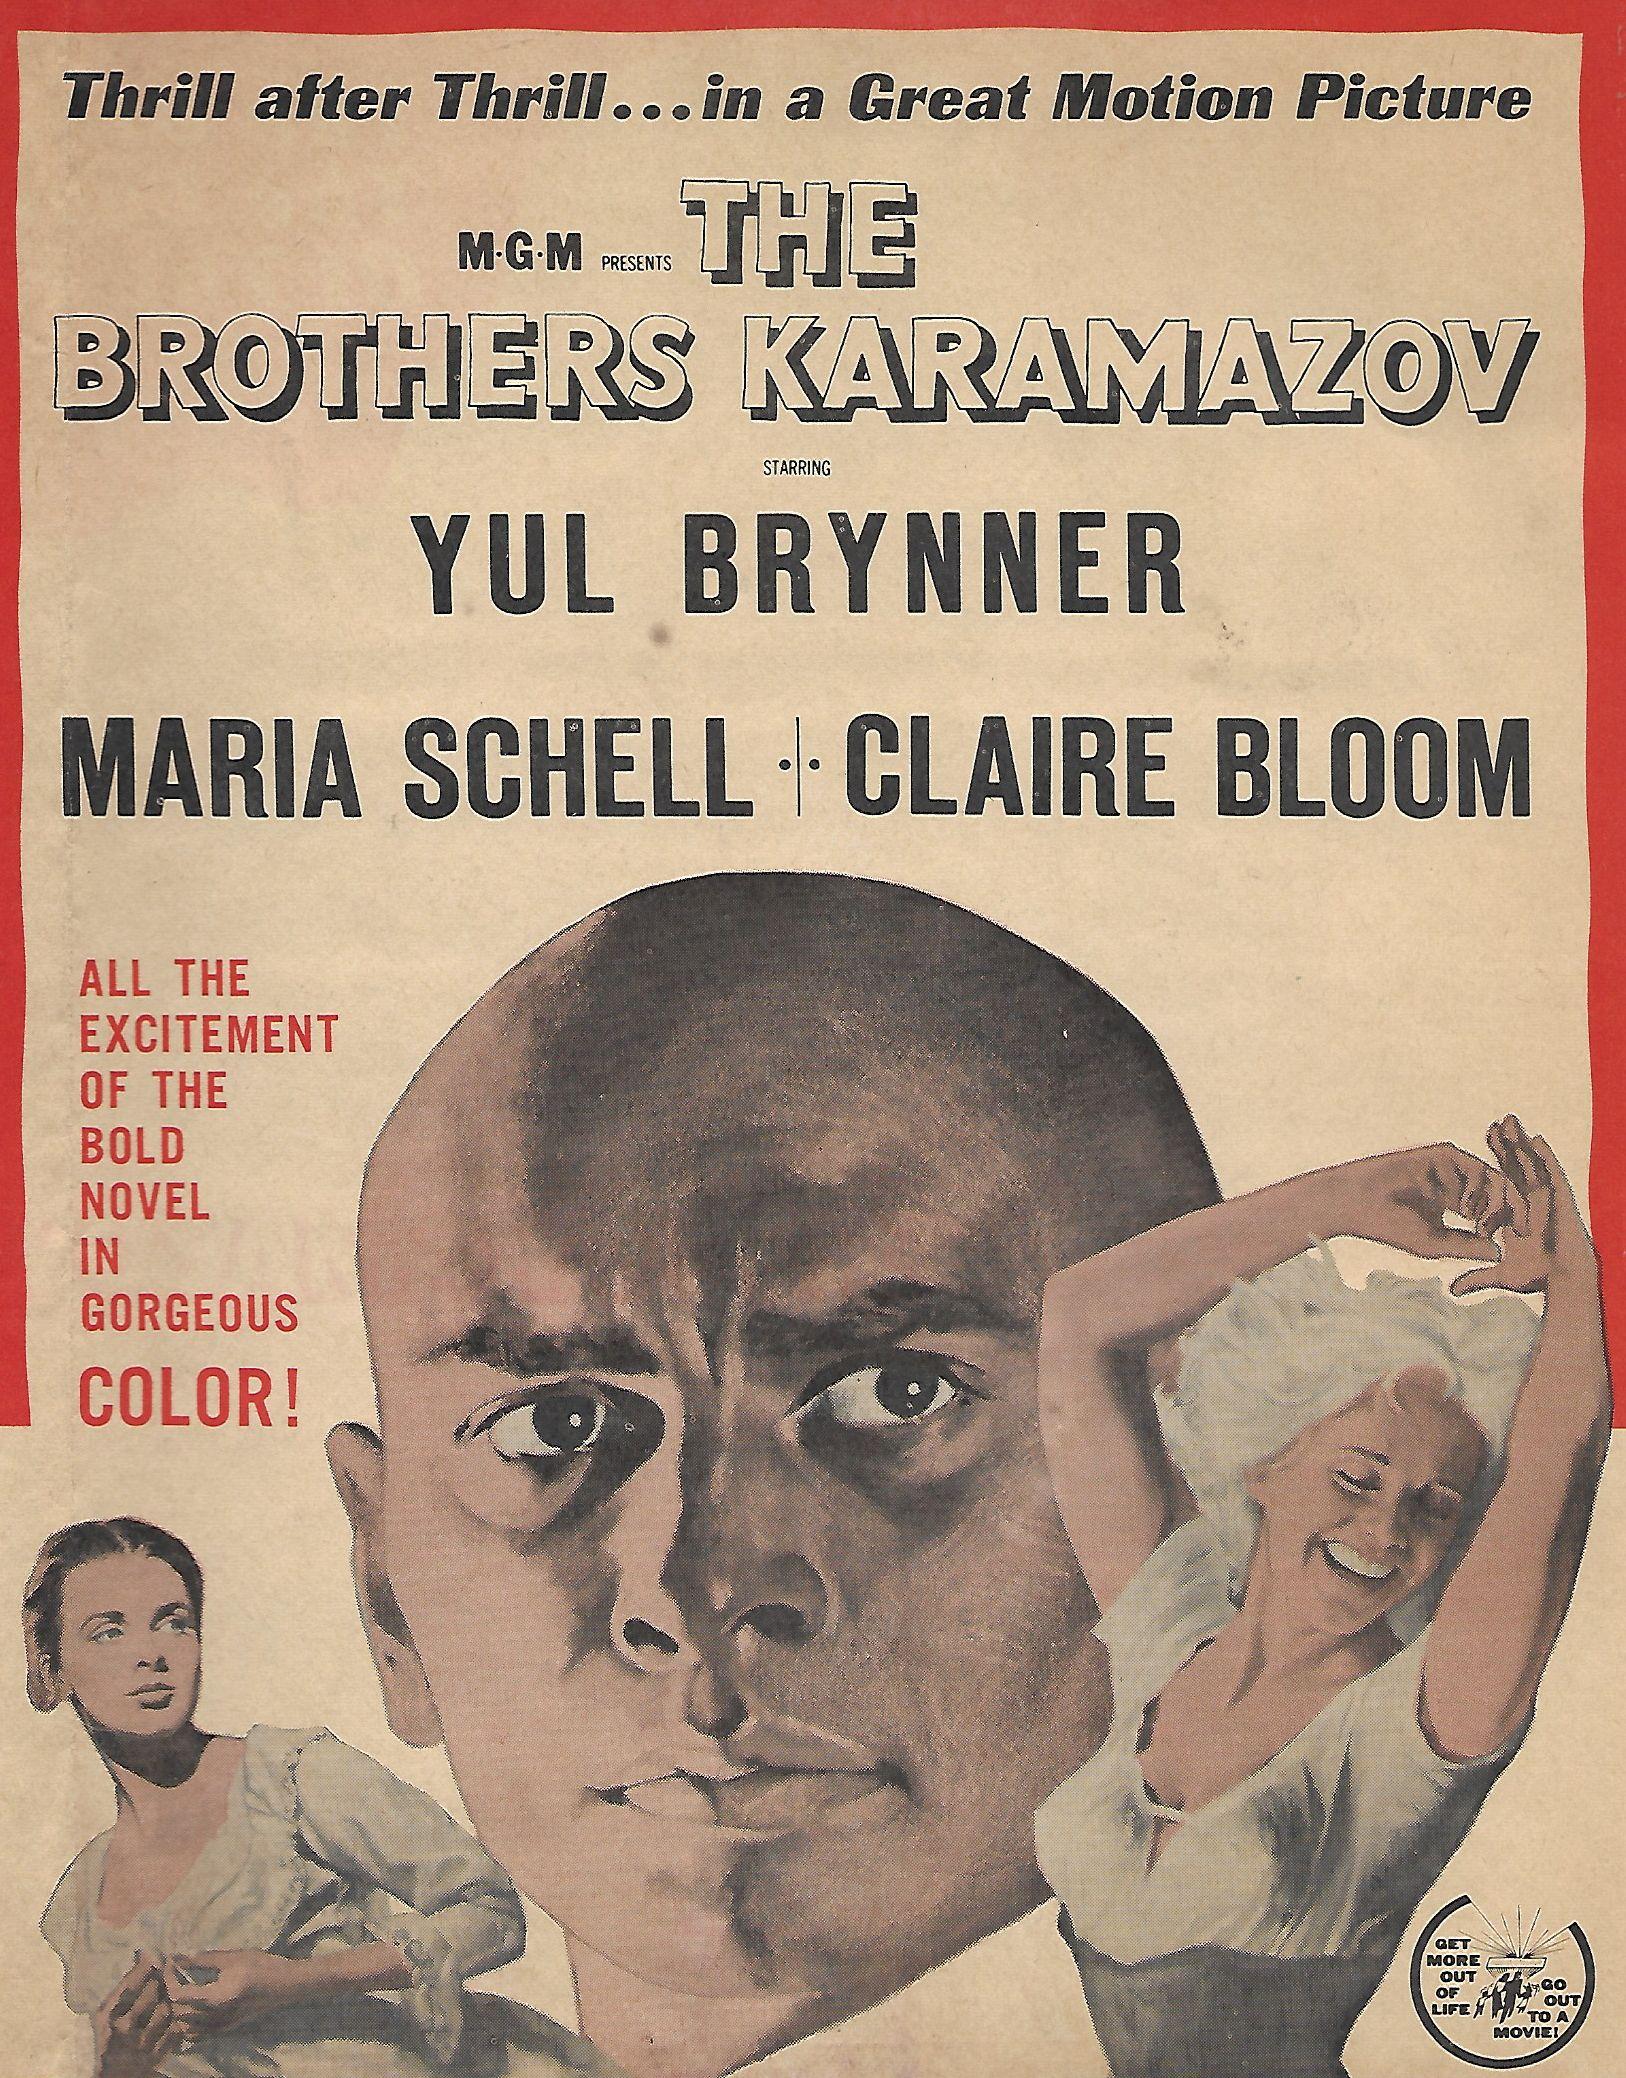 The Brothers Karamazov By Fyodor Dostoyevsky Pdf